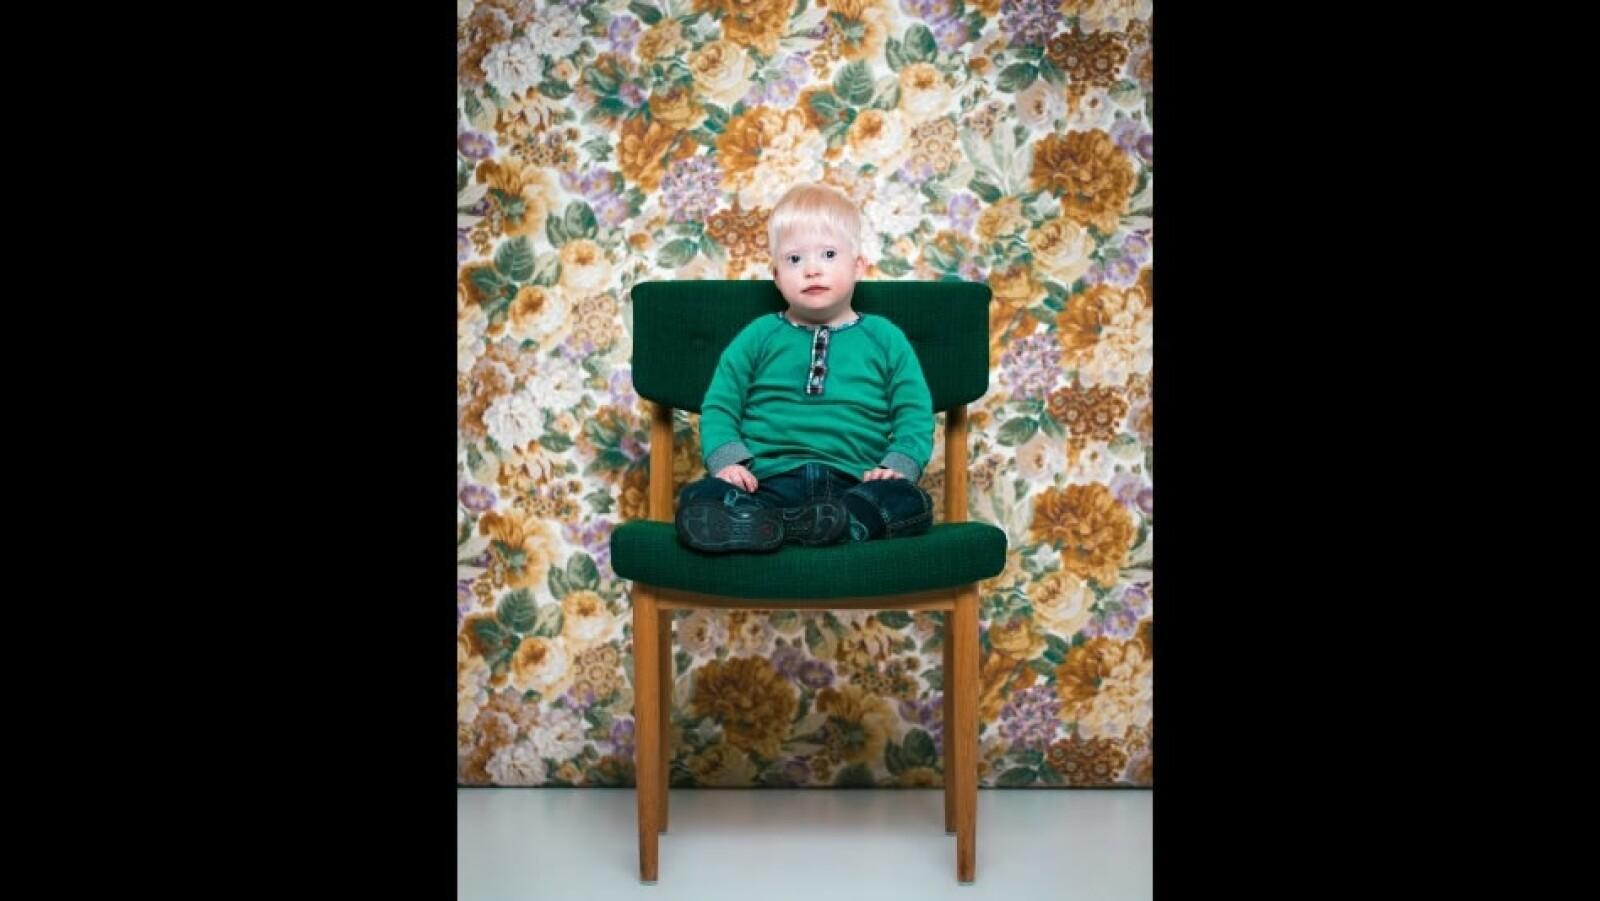 Baldur Ingi síndrome de Down